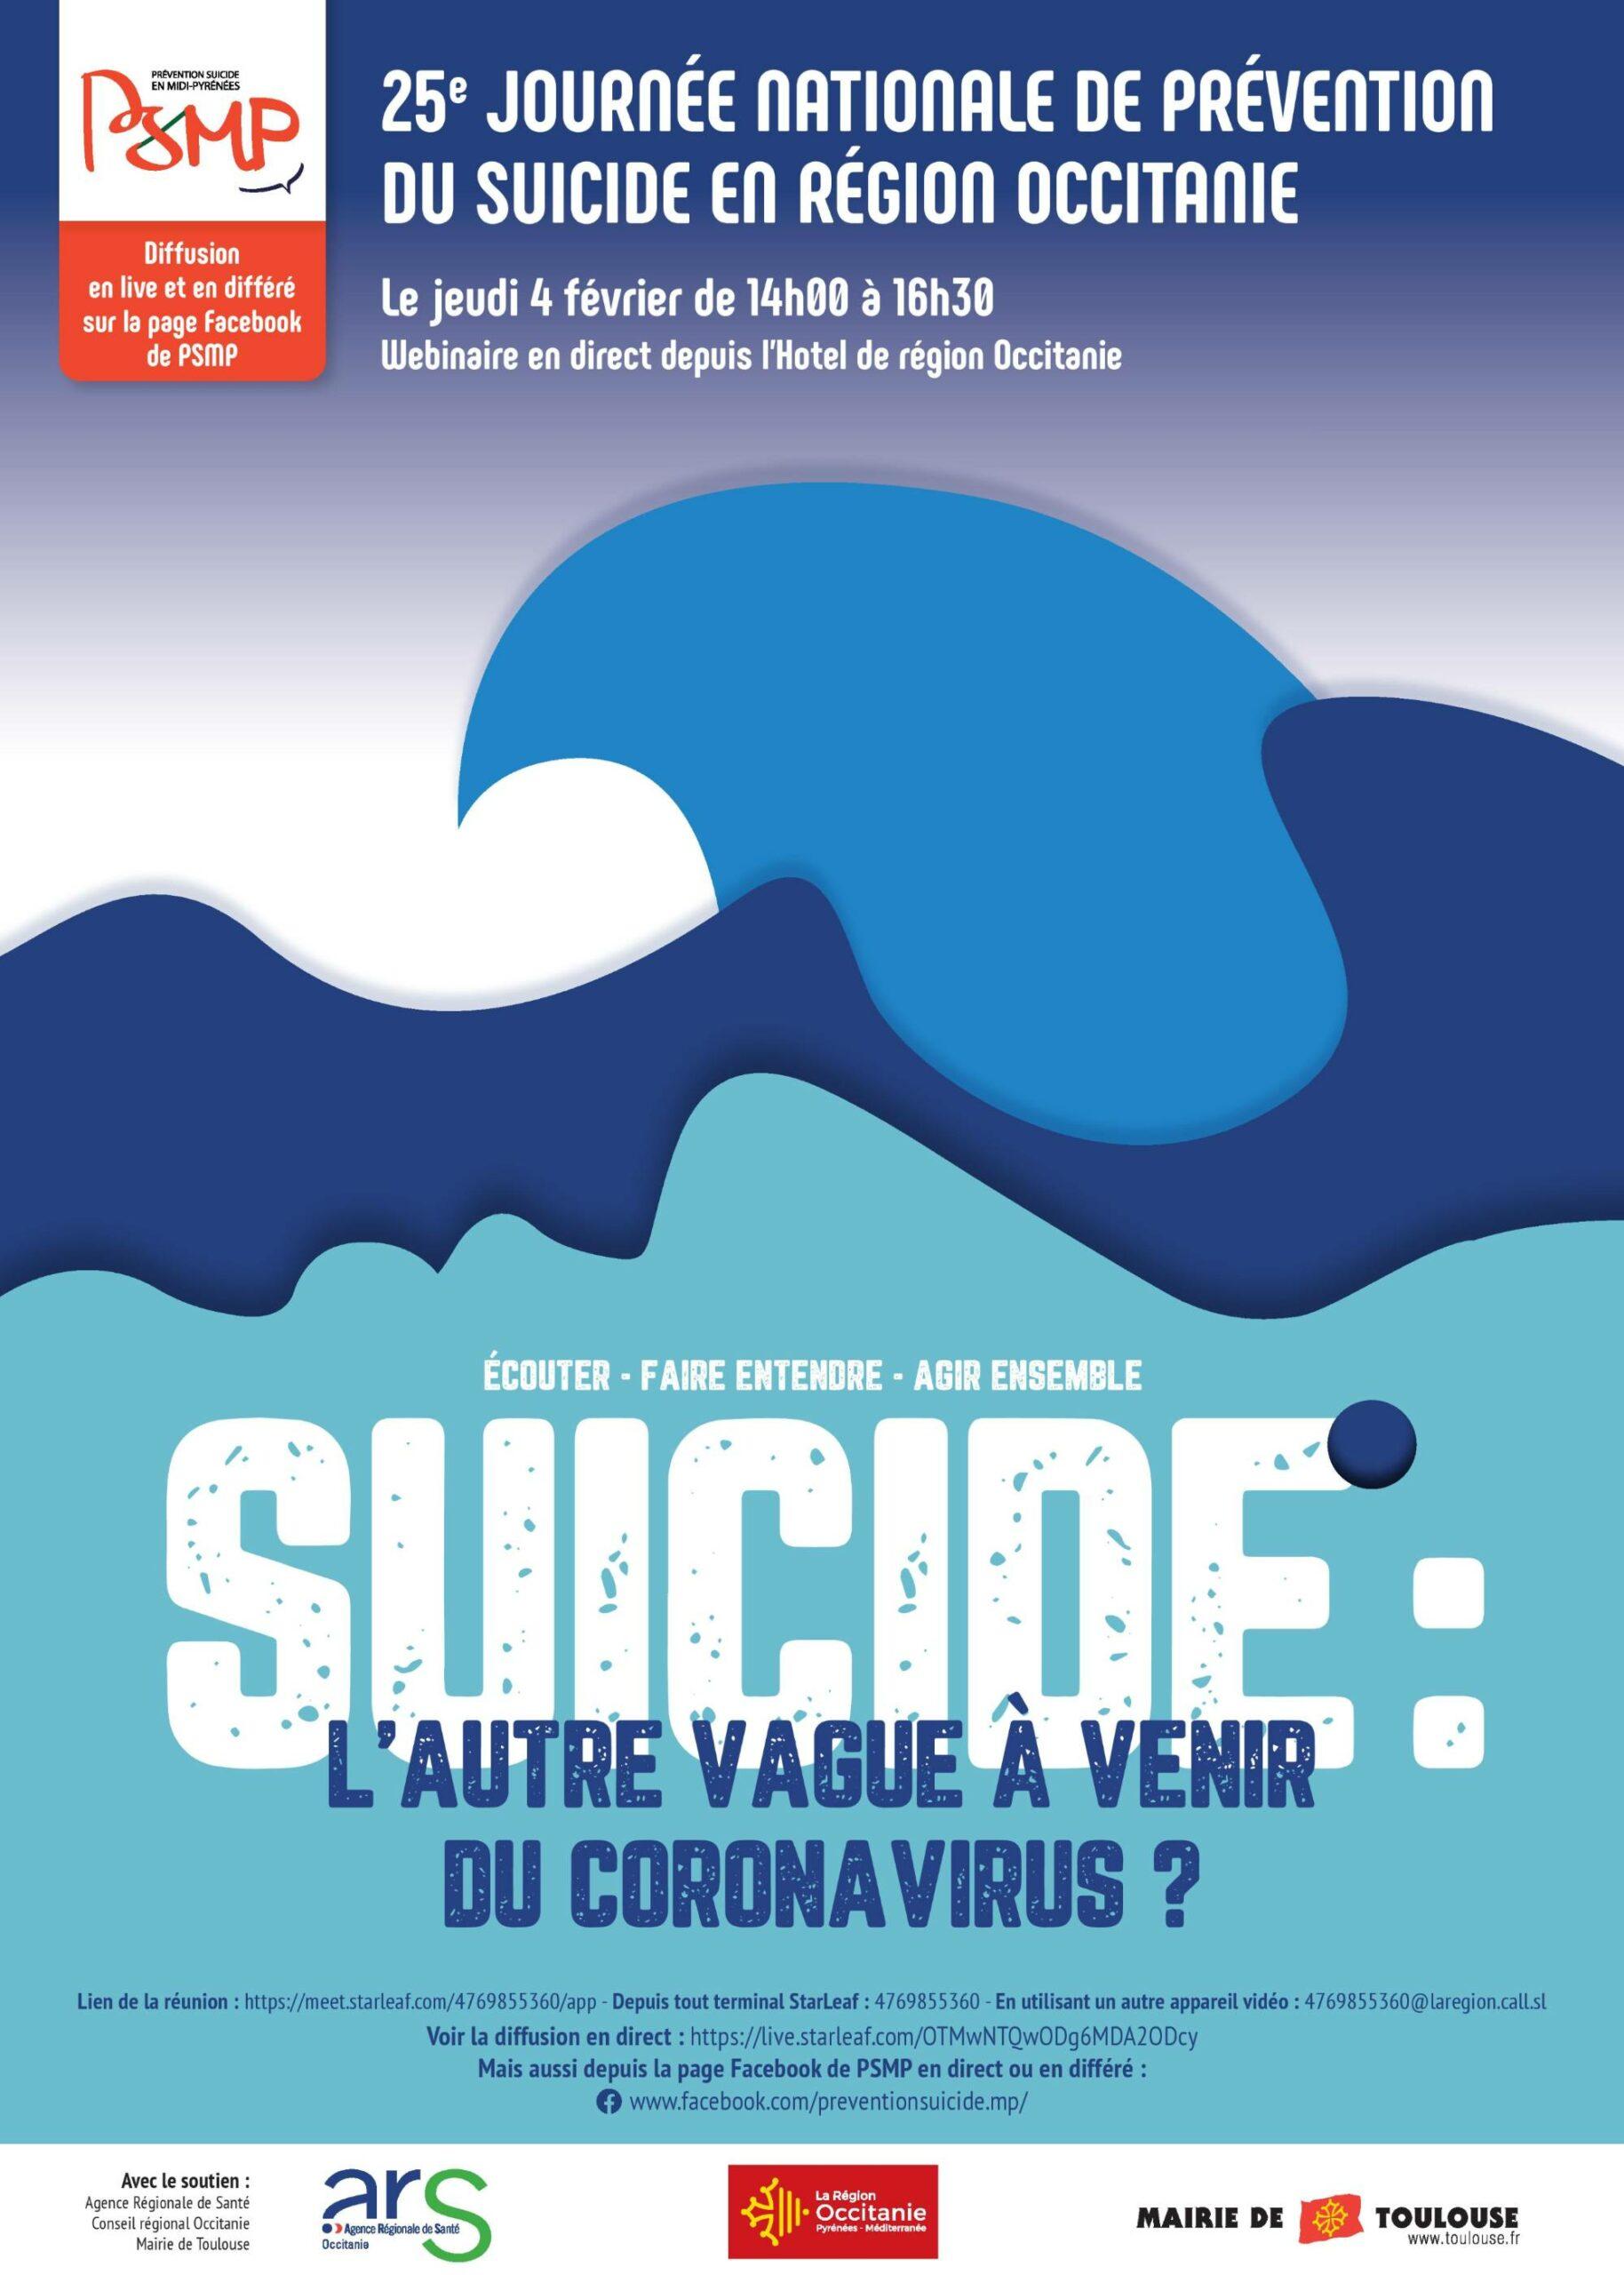 25e Journée Nationale de Prévention du Suicide en région Occitanie